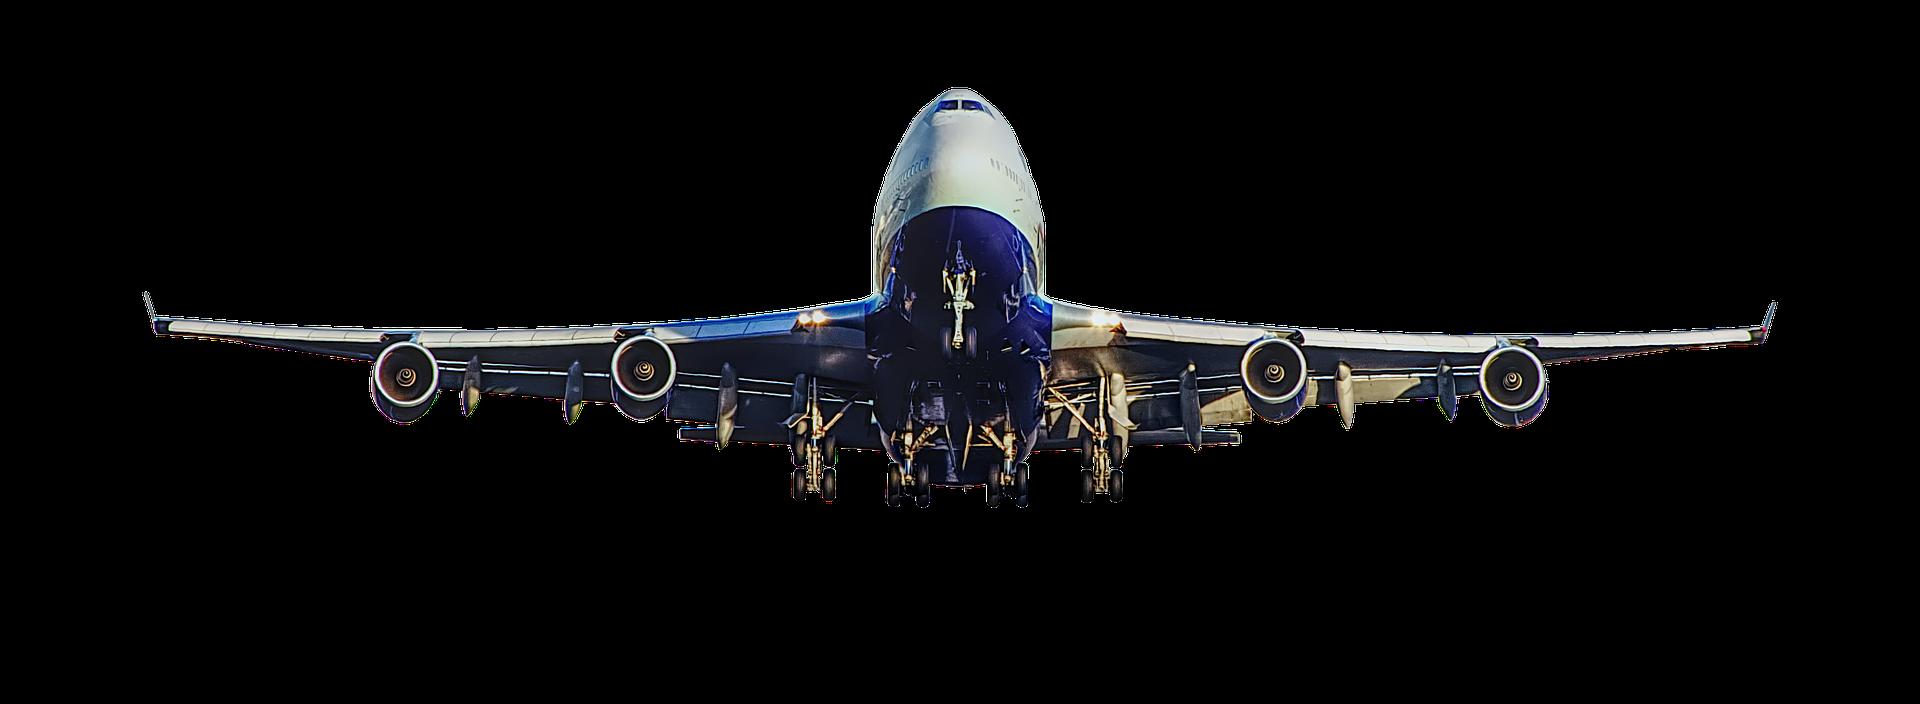 Avião Institucional sem marca